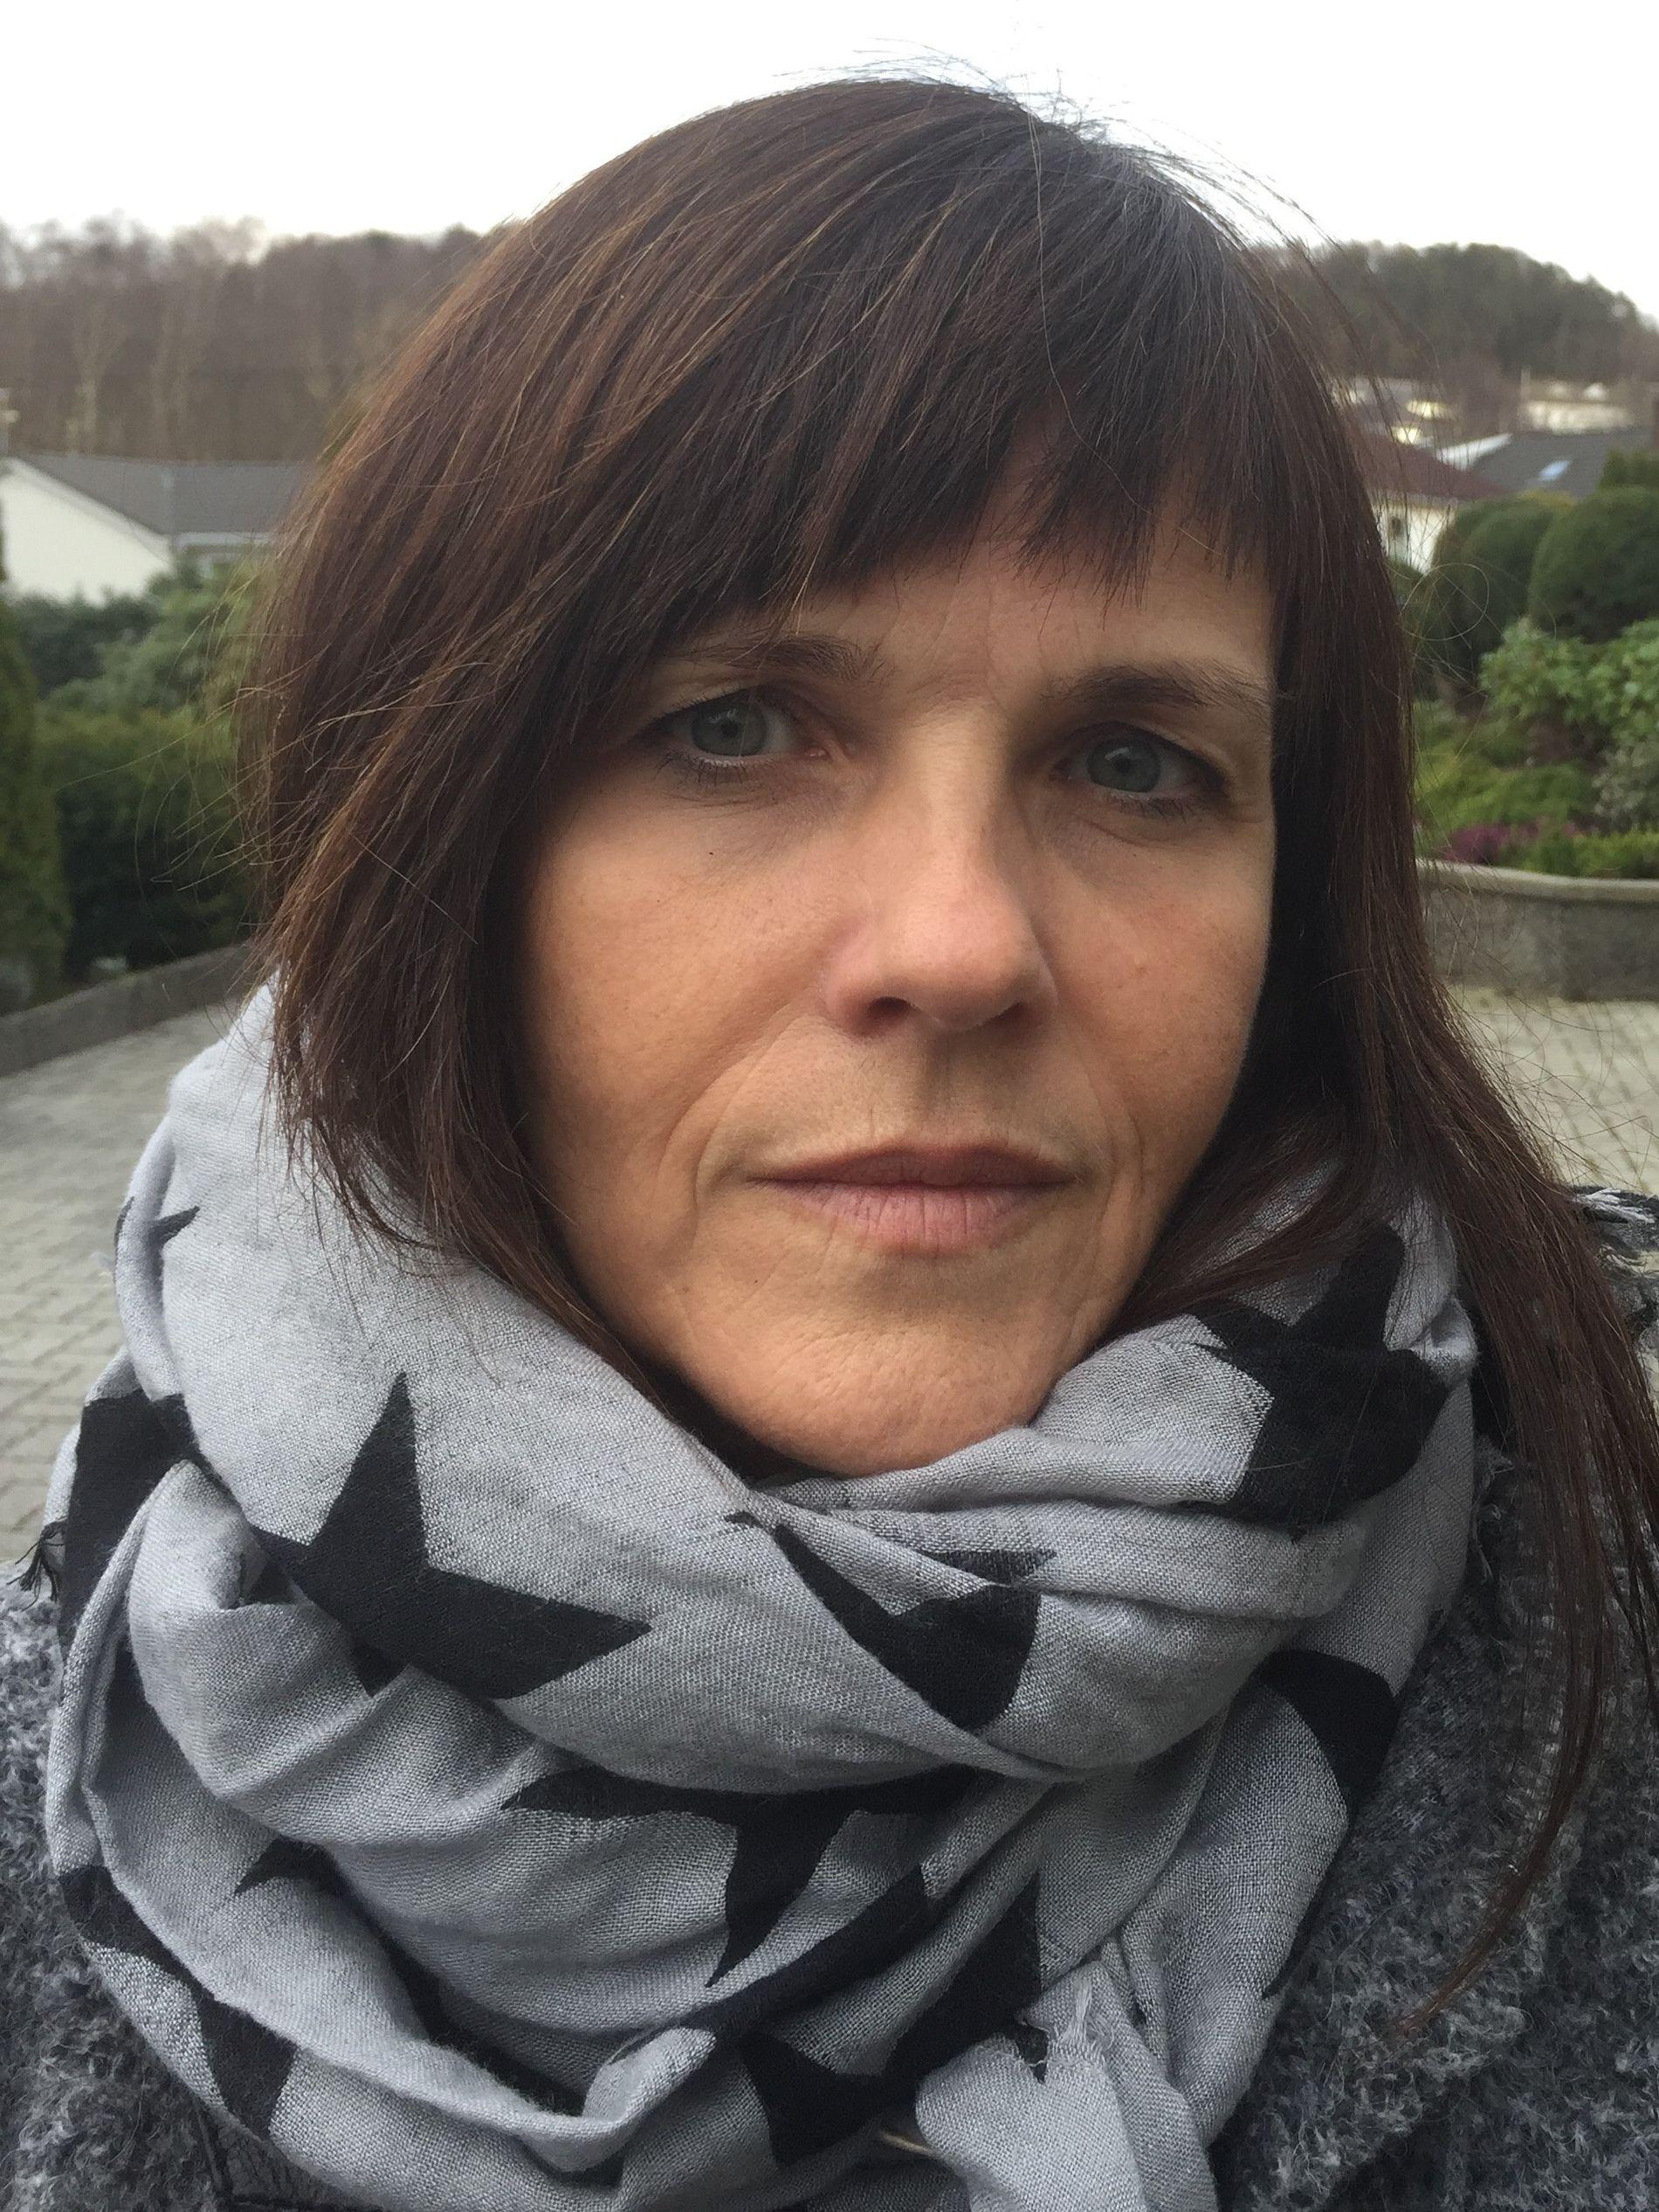 REAGERER PÅ DOMMEN: Bistandsadvokat Verna Rege Nilssen. Foto: PRIVAT